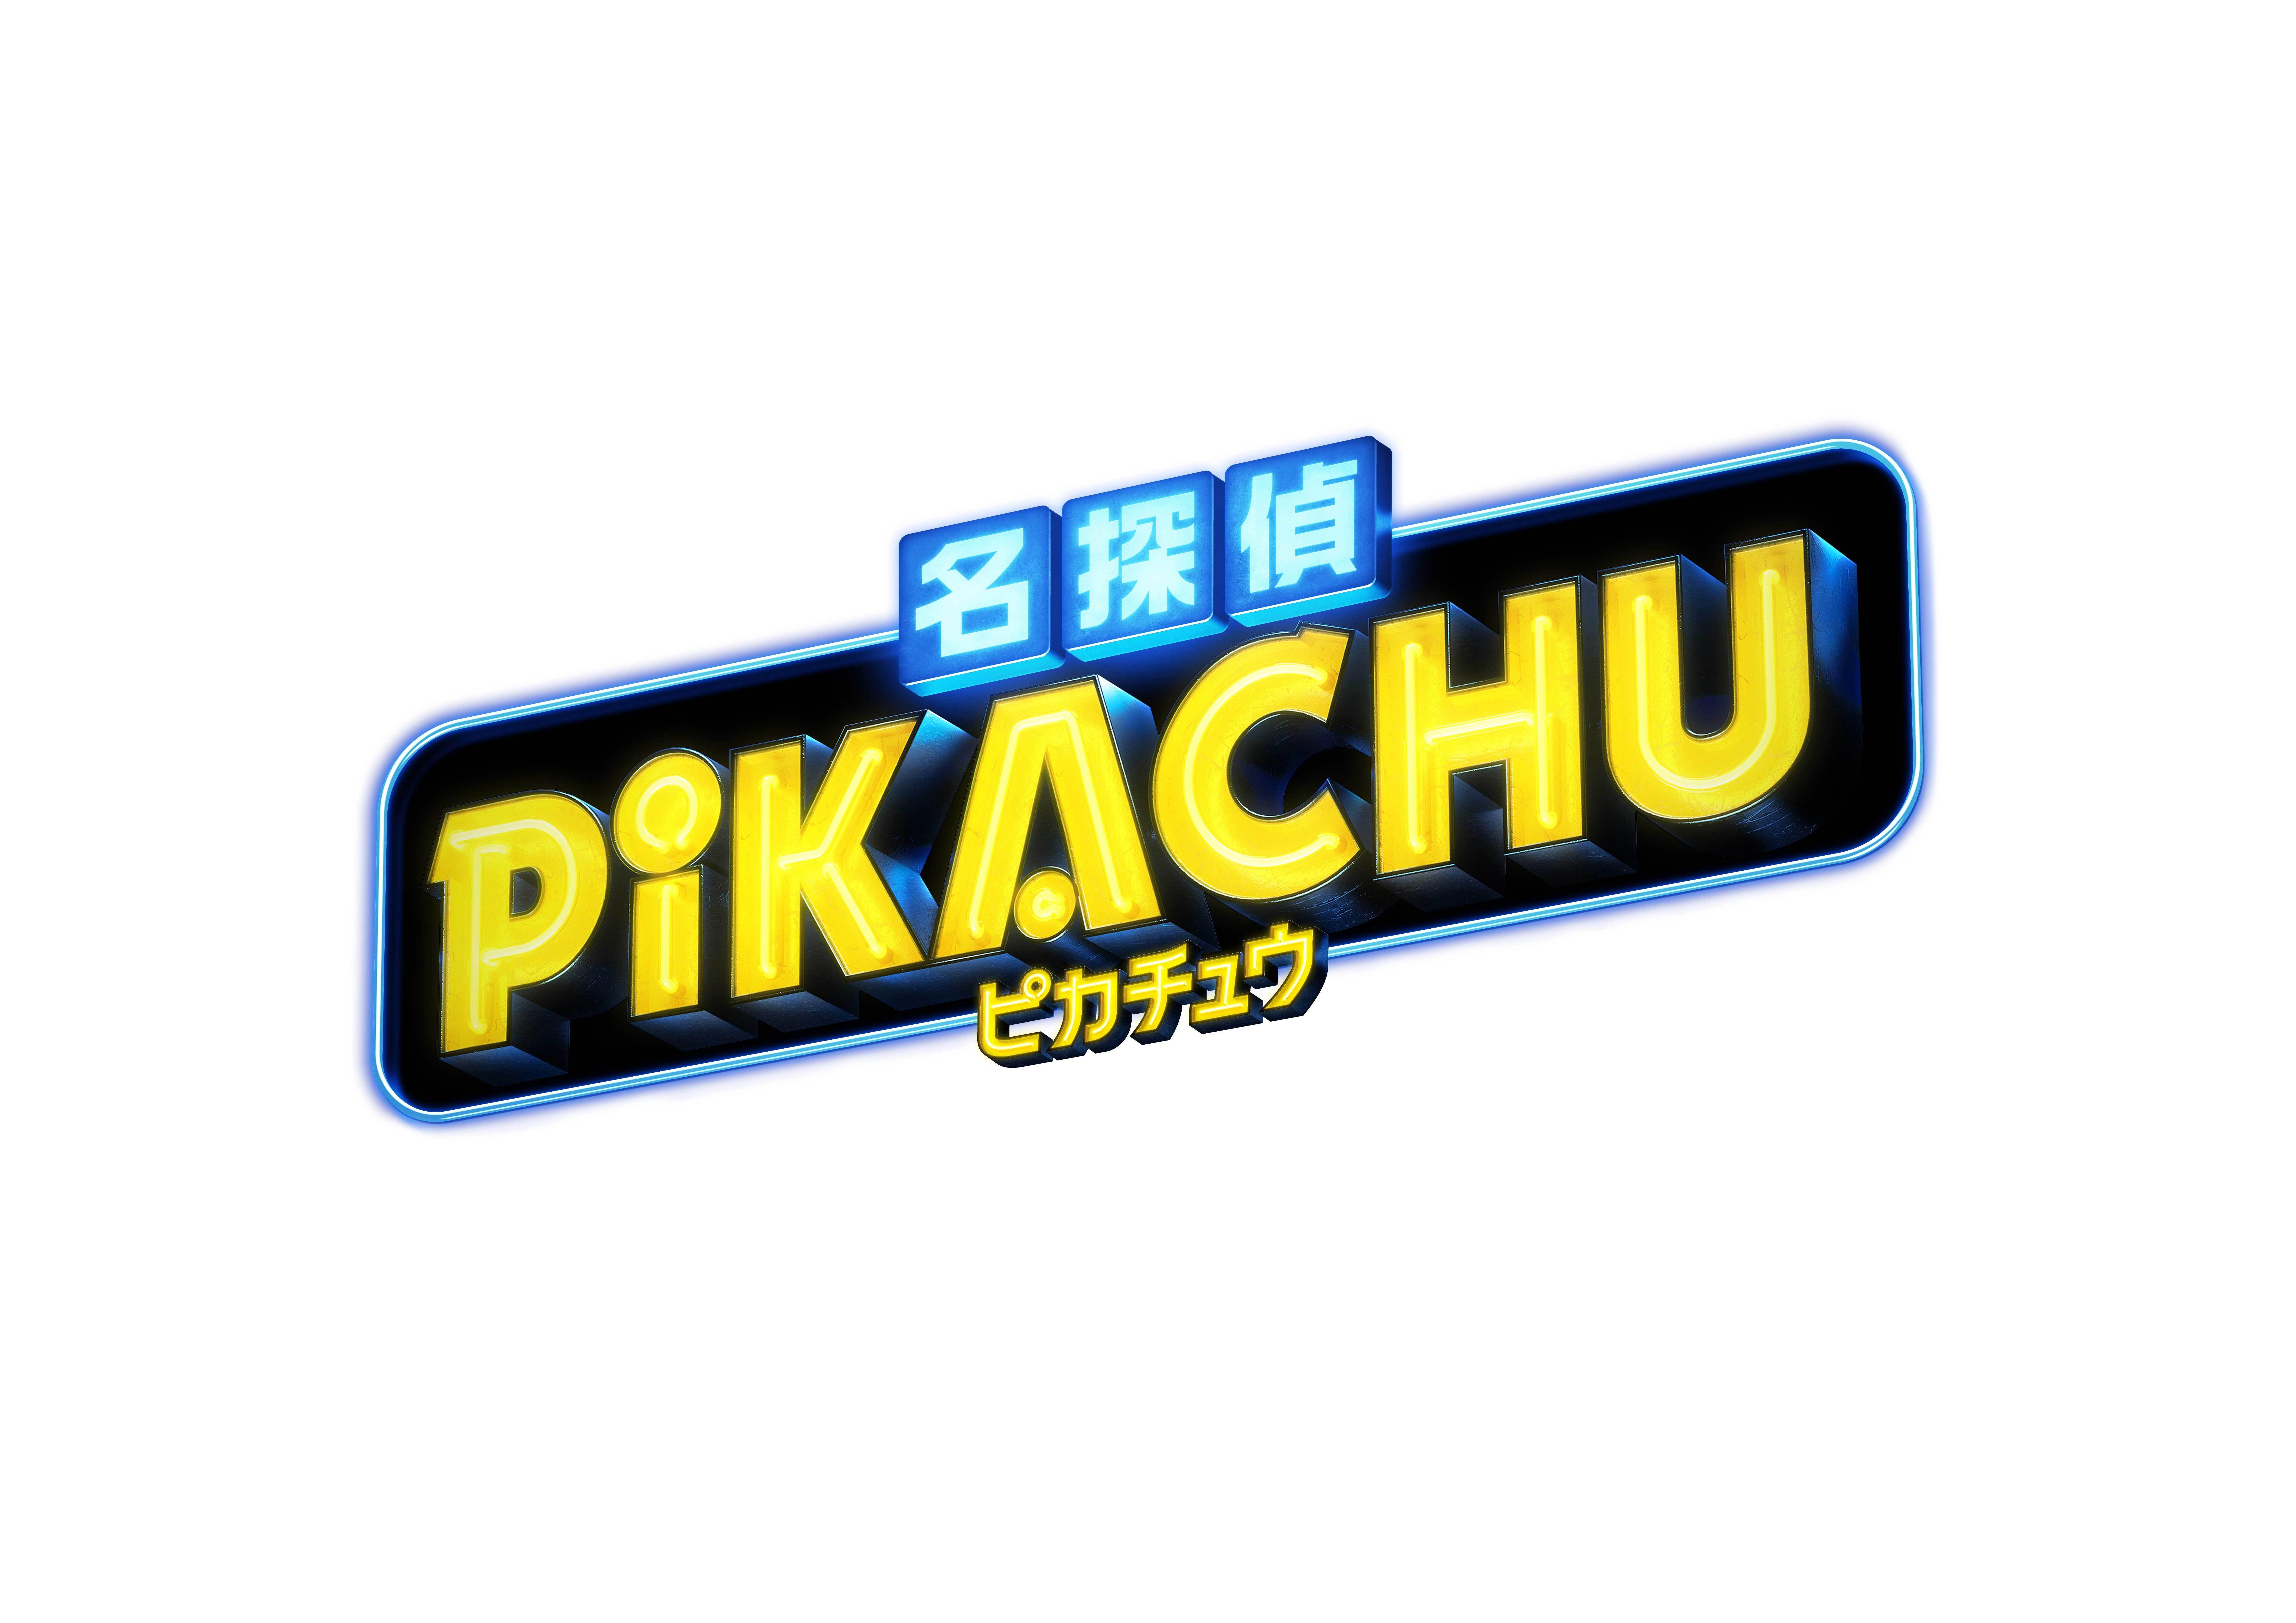 『名探偵ピカチュウ』ロゴ